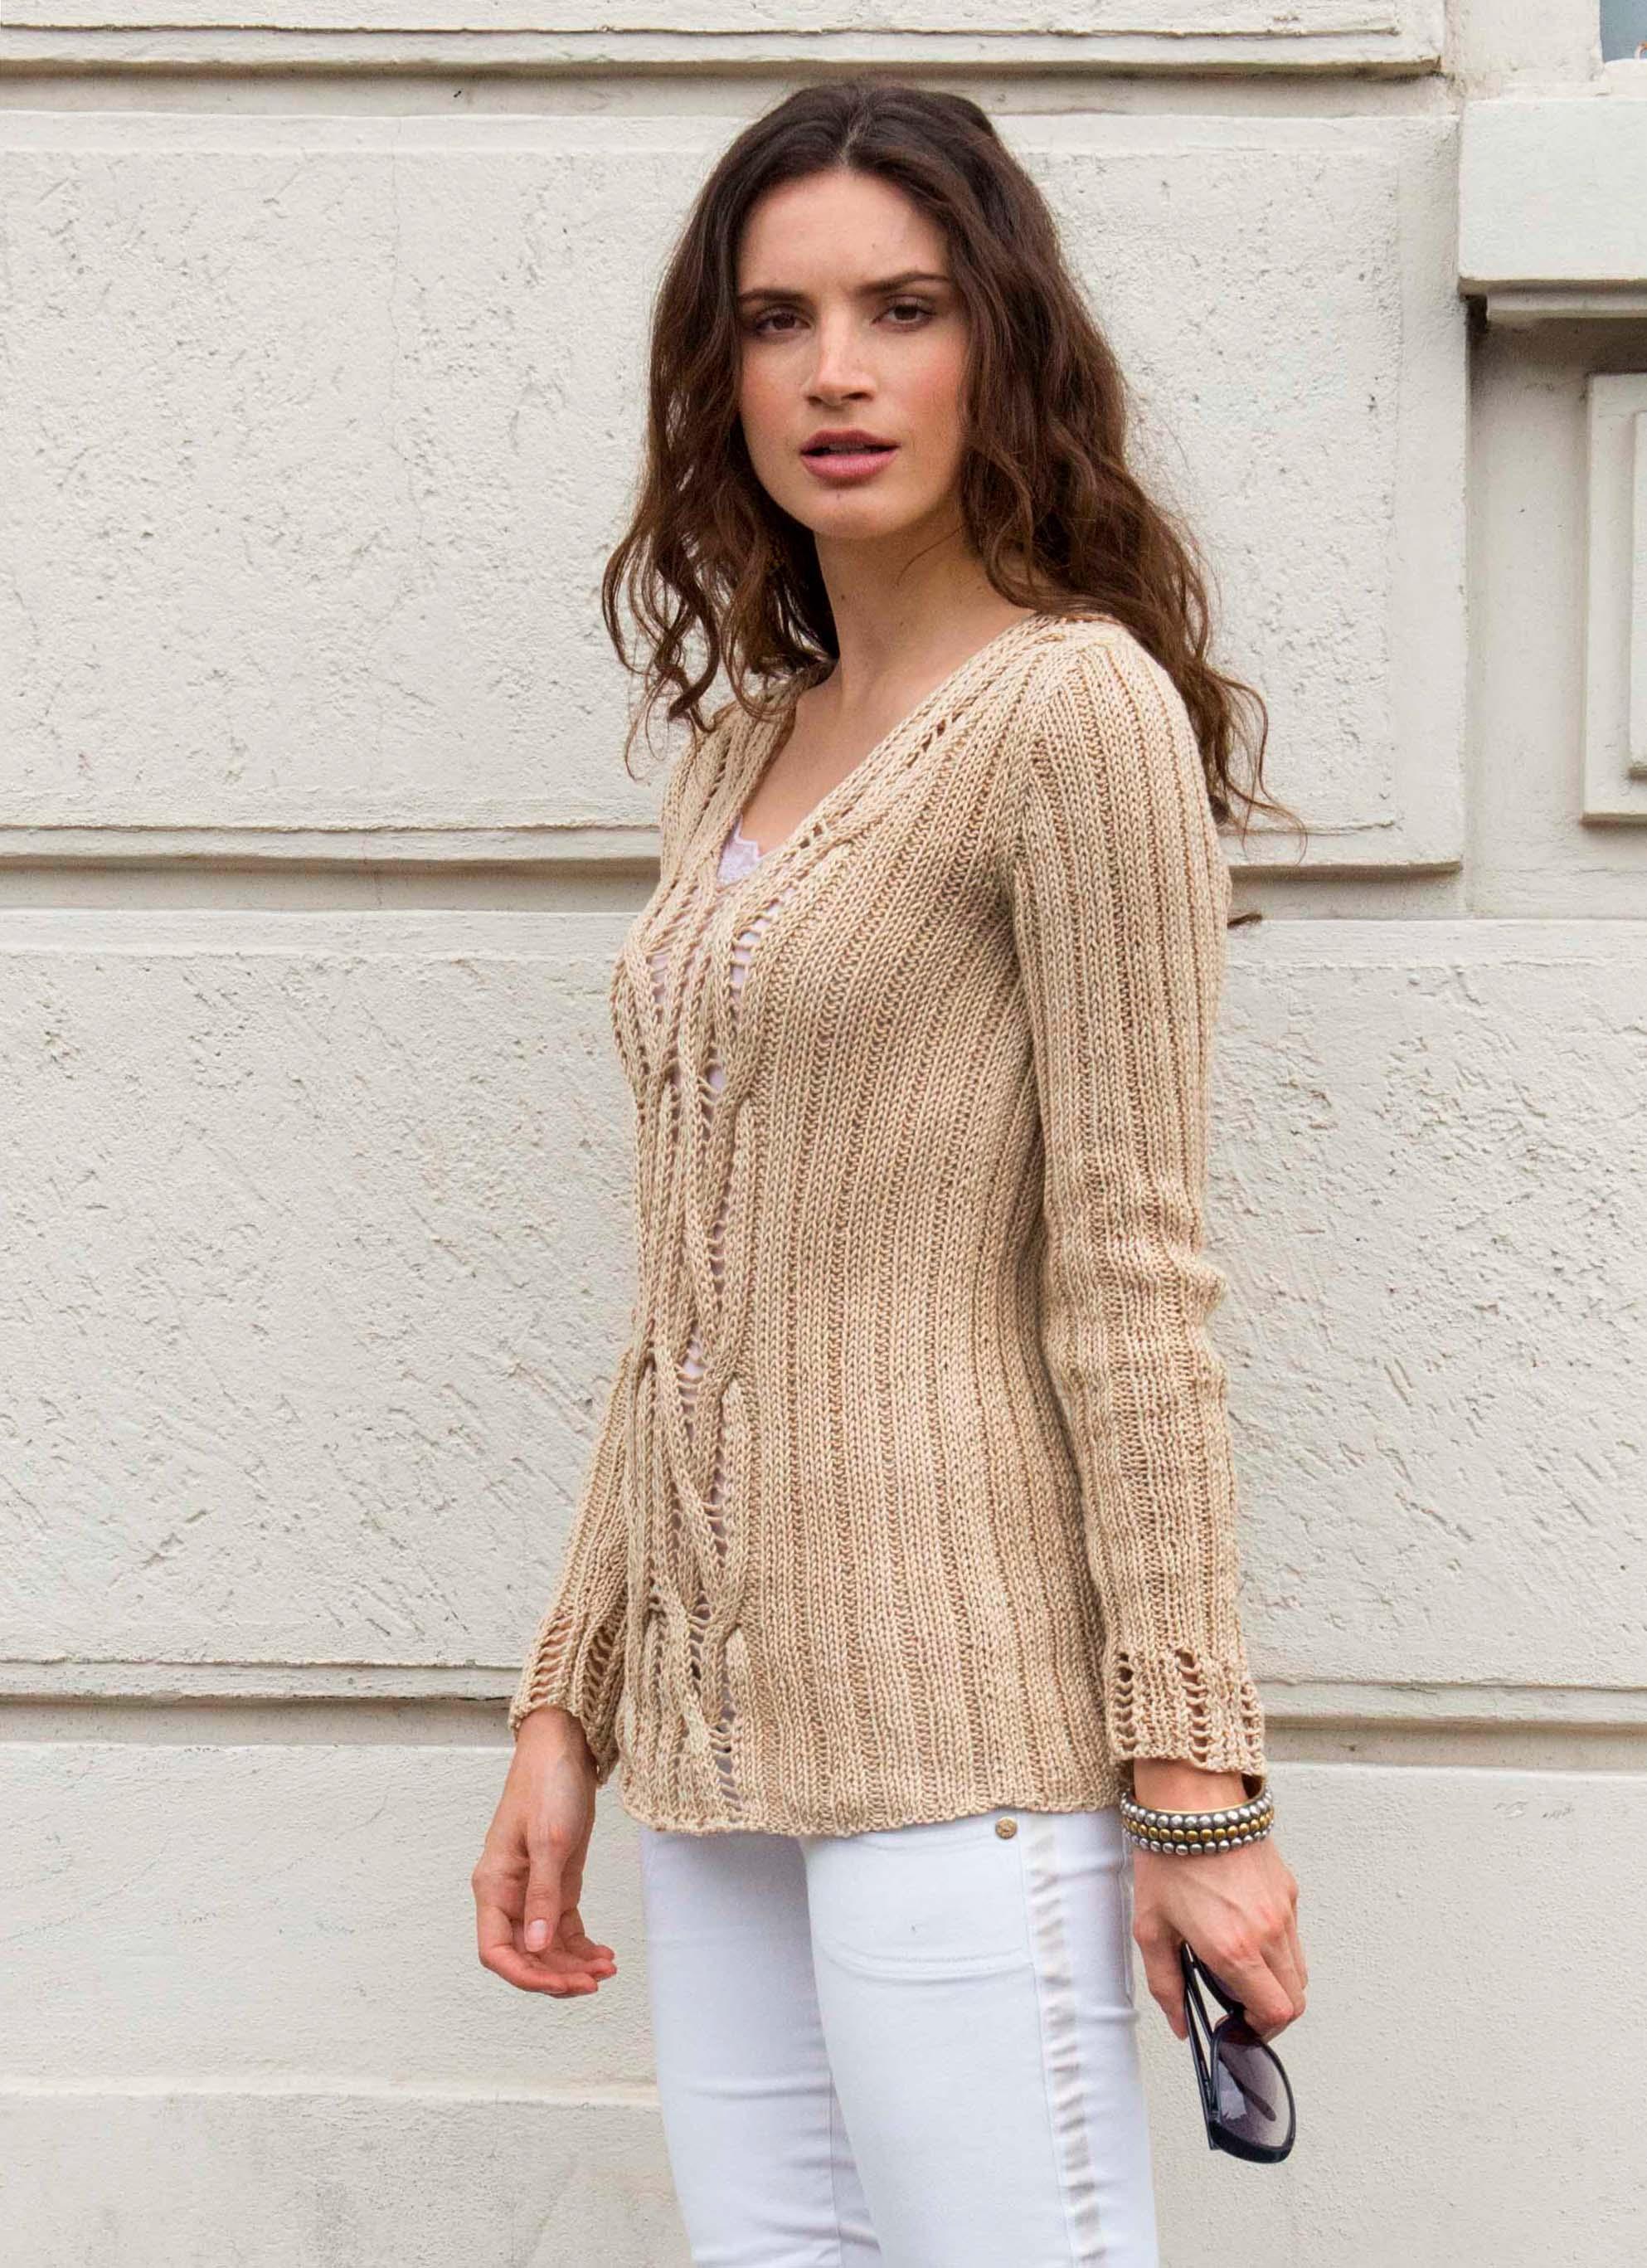 Giuliano&GiusyMarelli_Pull Onde di sabbia_Side_Knit 'd' Crochet Collection_.jpg